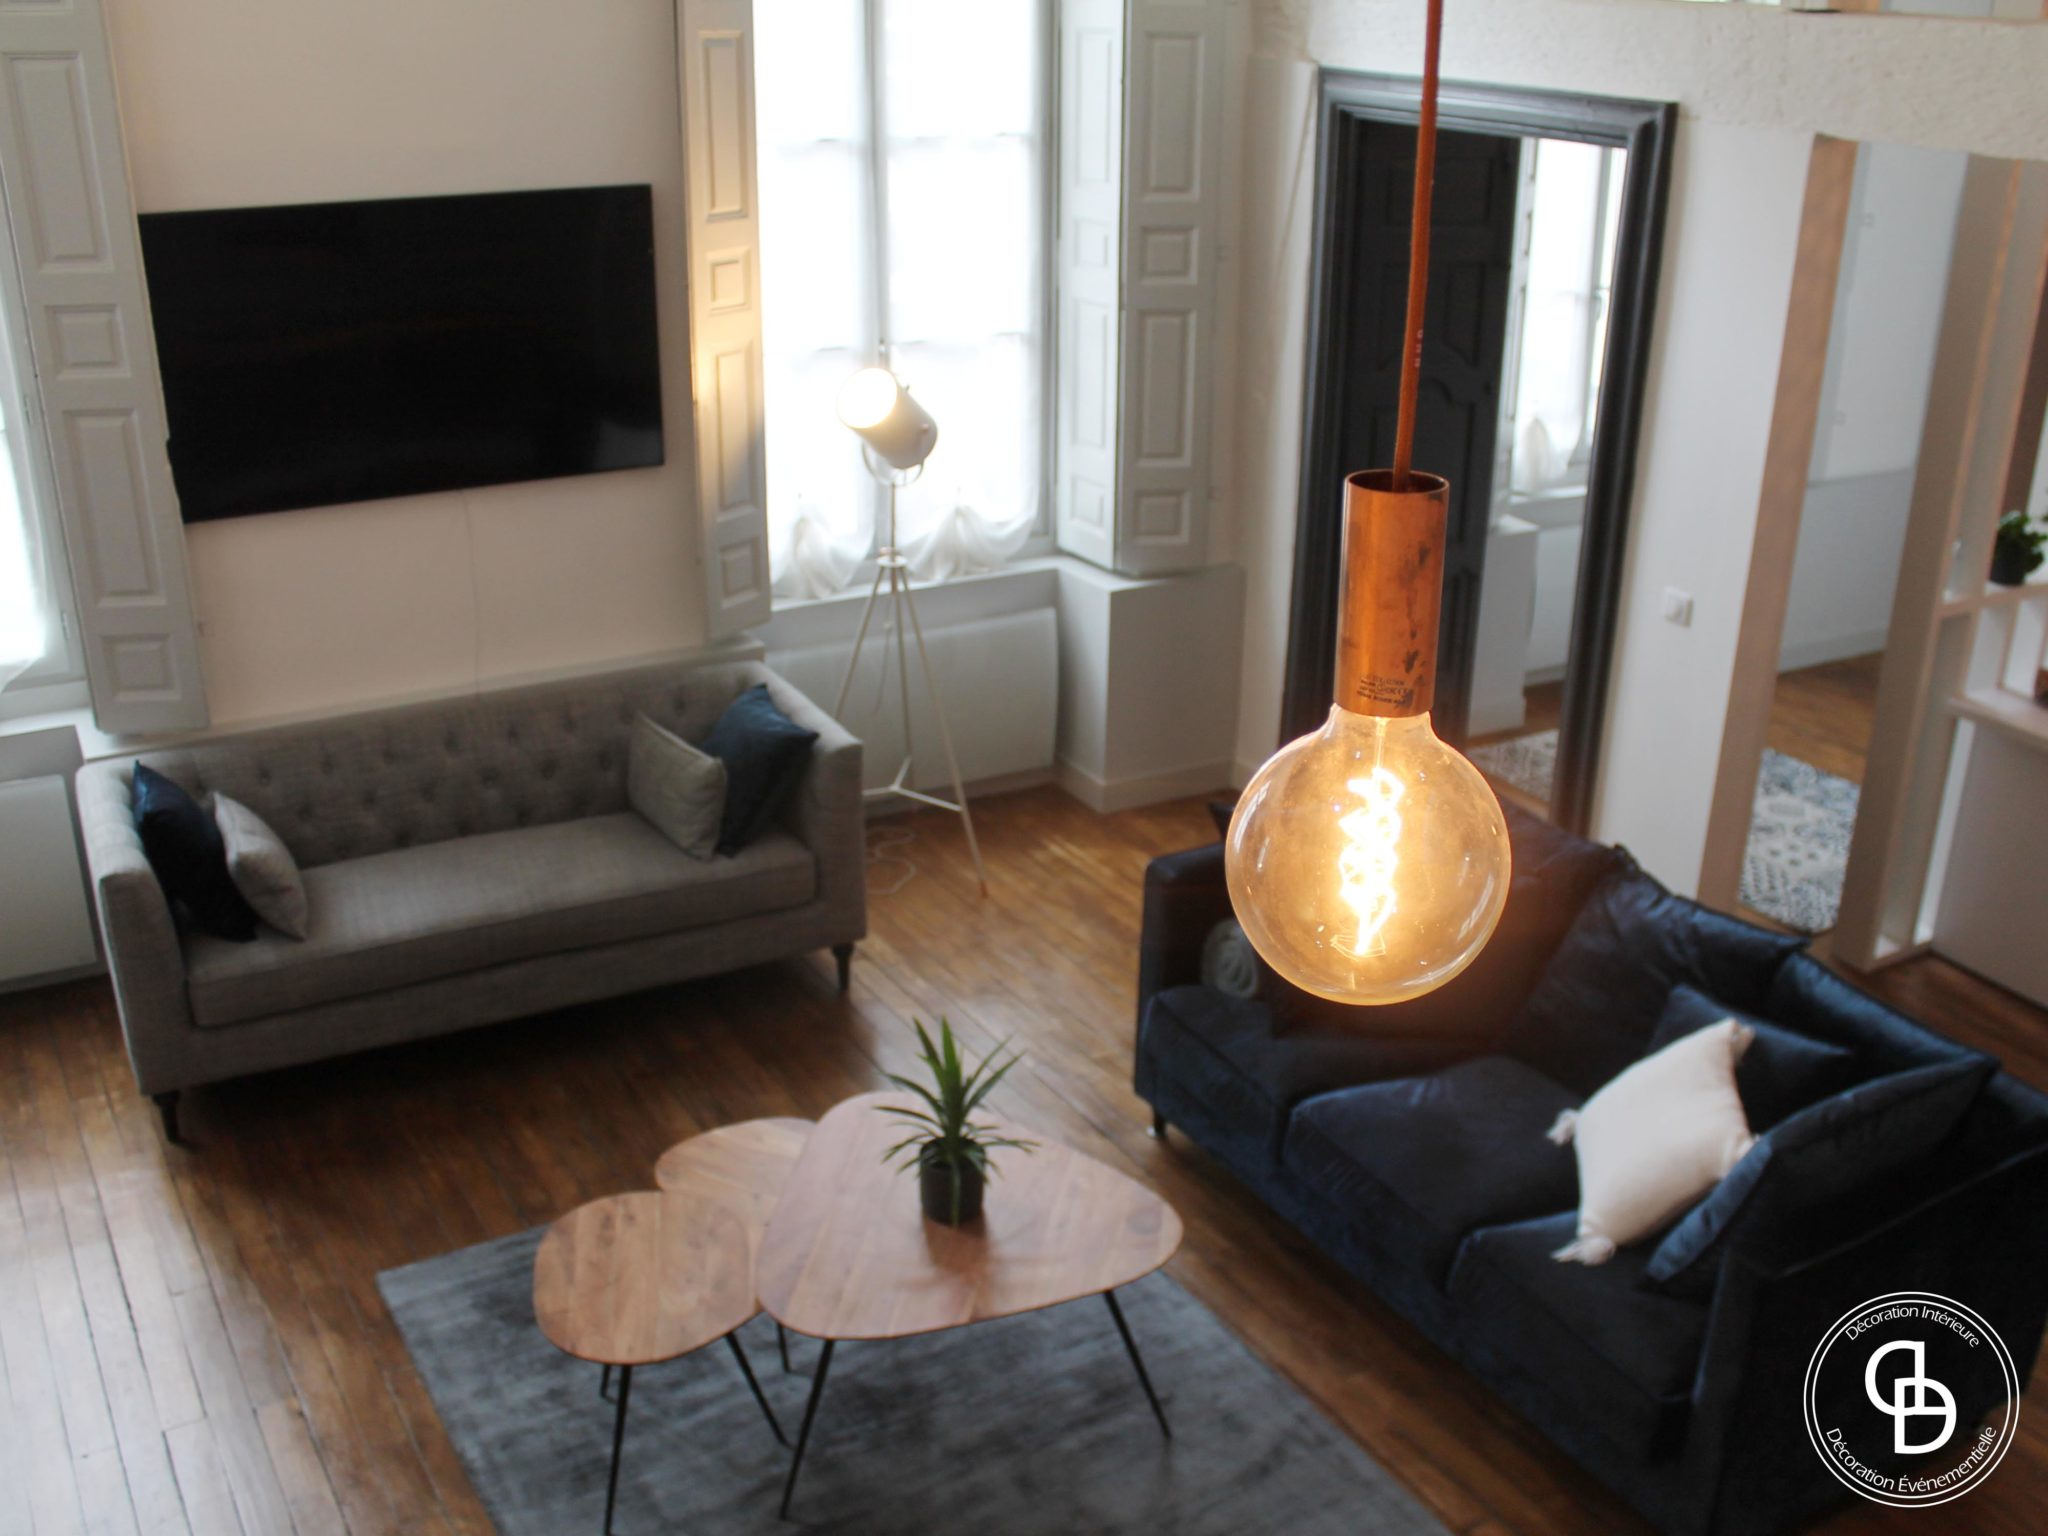 Lampe ampoule filament avec câble